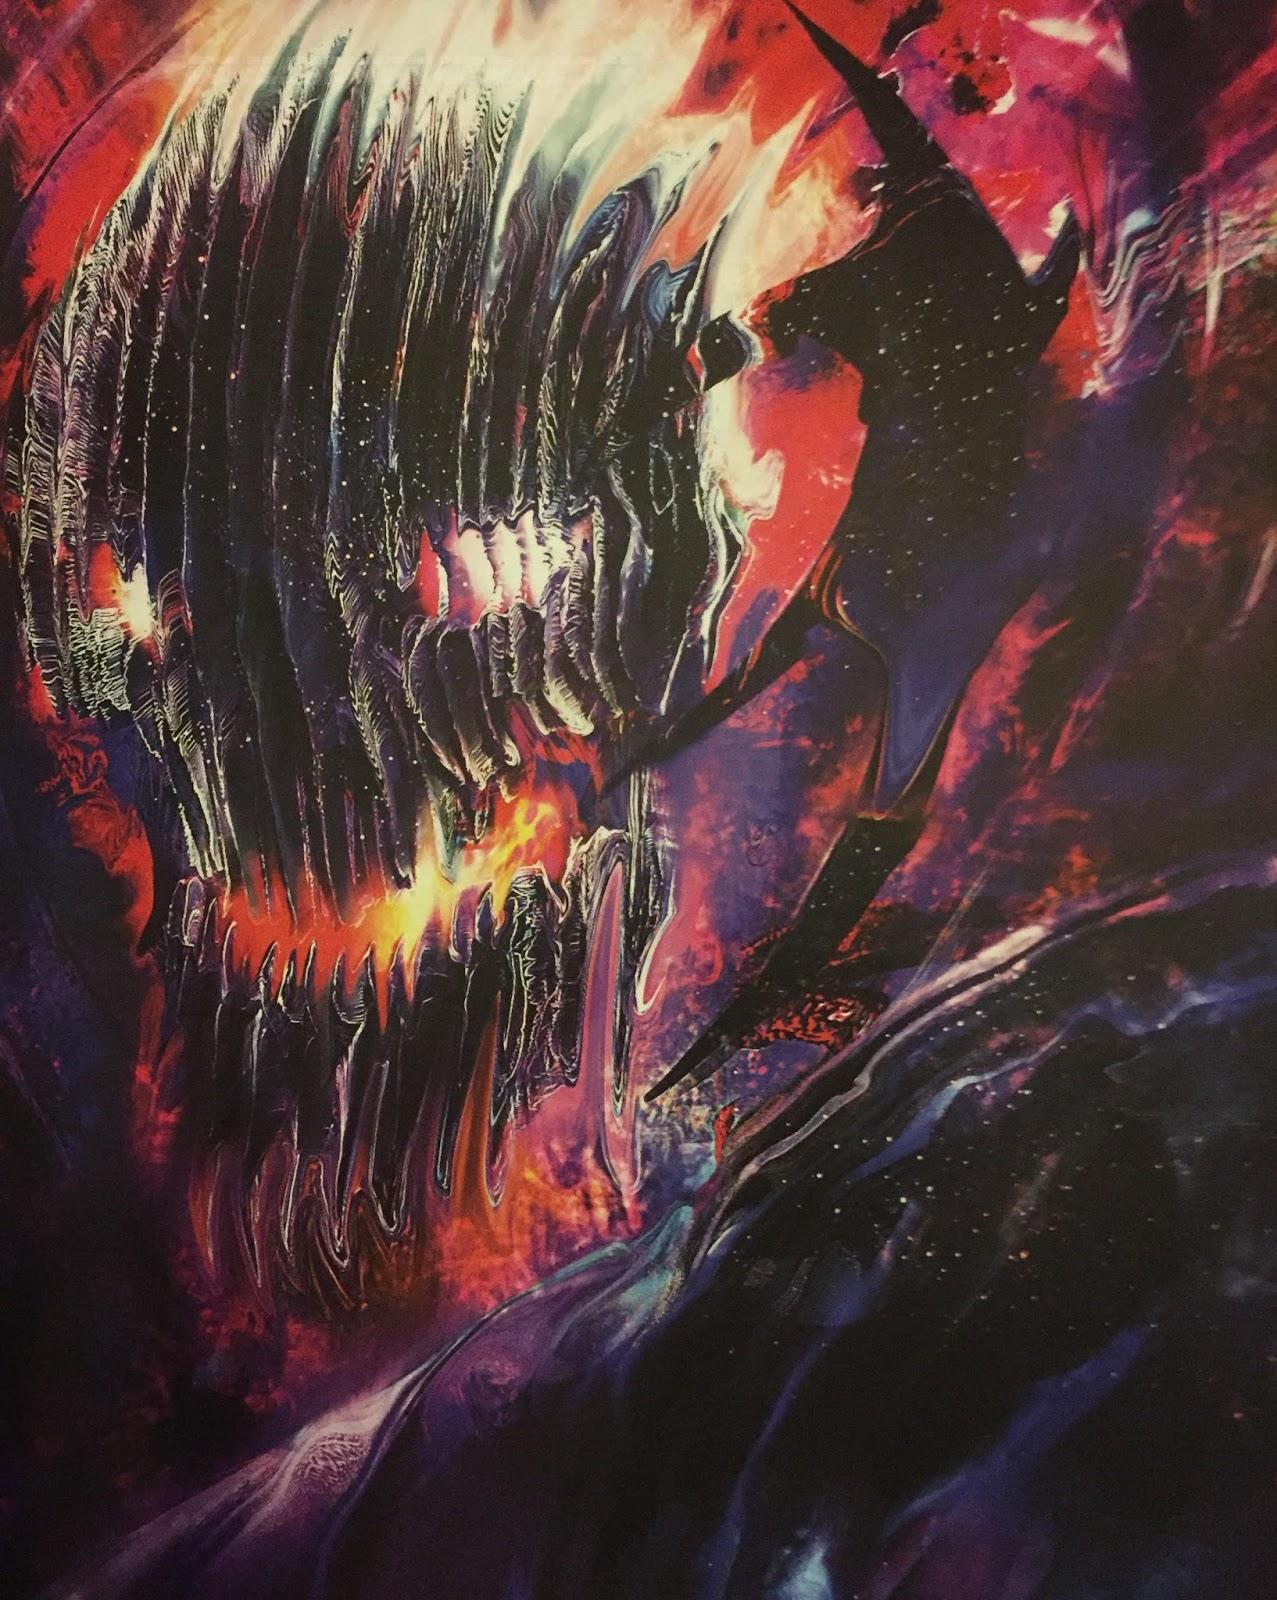 Trùm cuối trong Doctor Strange đã có thể ngầu và đáng sợ hơn nhiều - ảnh 5